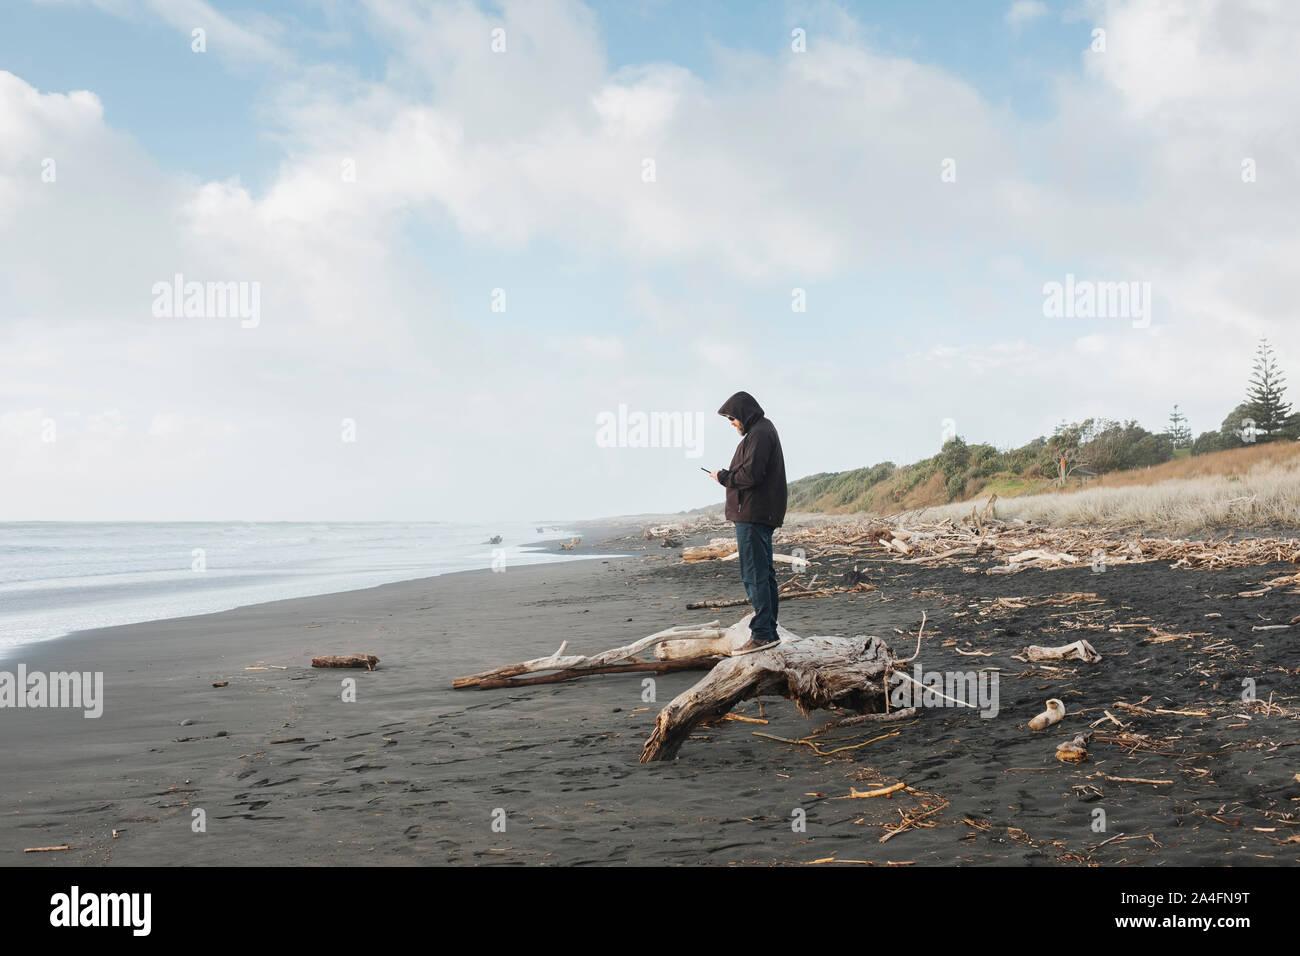 Hombre de pie en driftwood mirando el teléfono móvil en la playa. Foto de stock